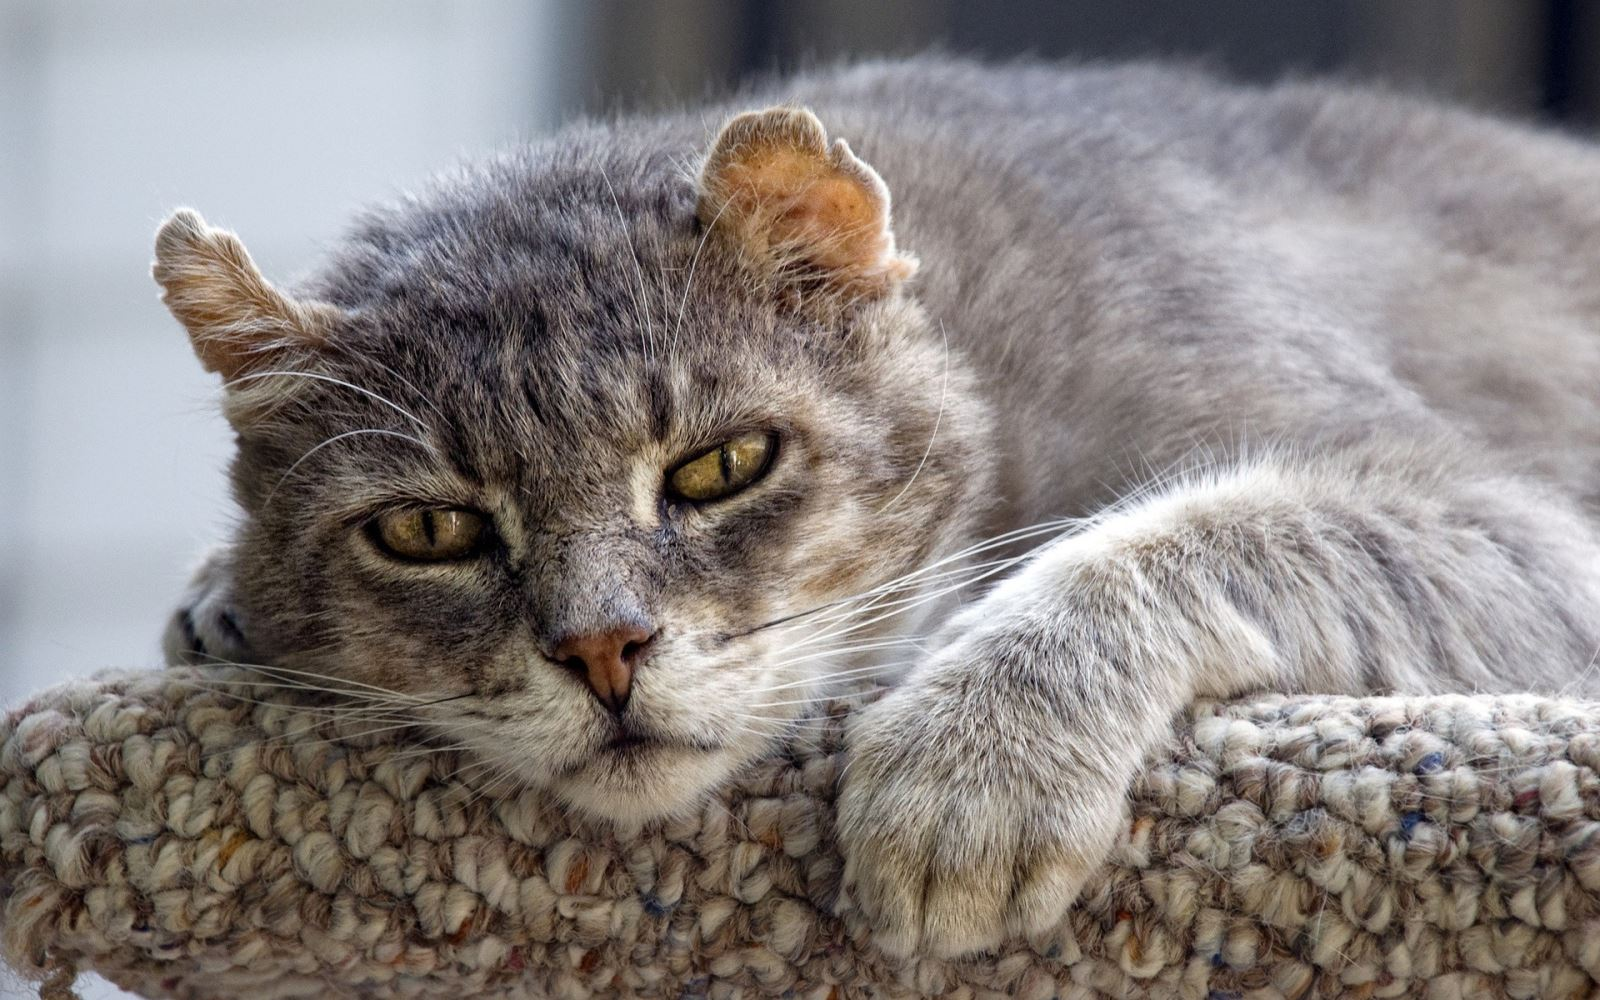 про кошек с картинками мари комбс лучшие